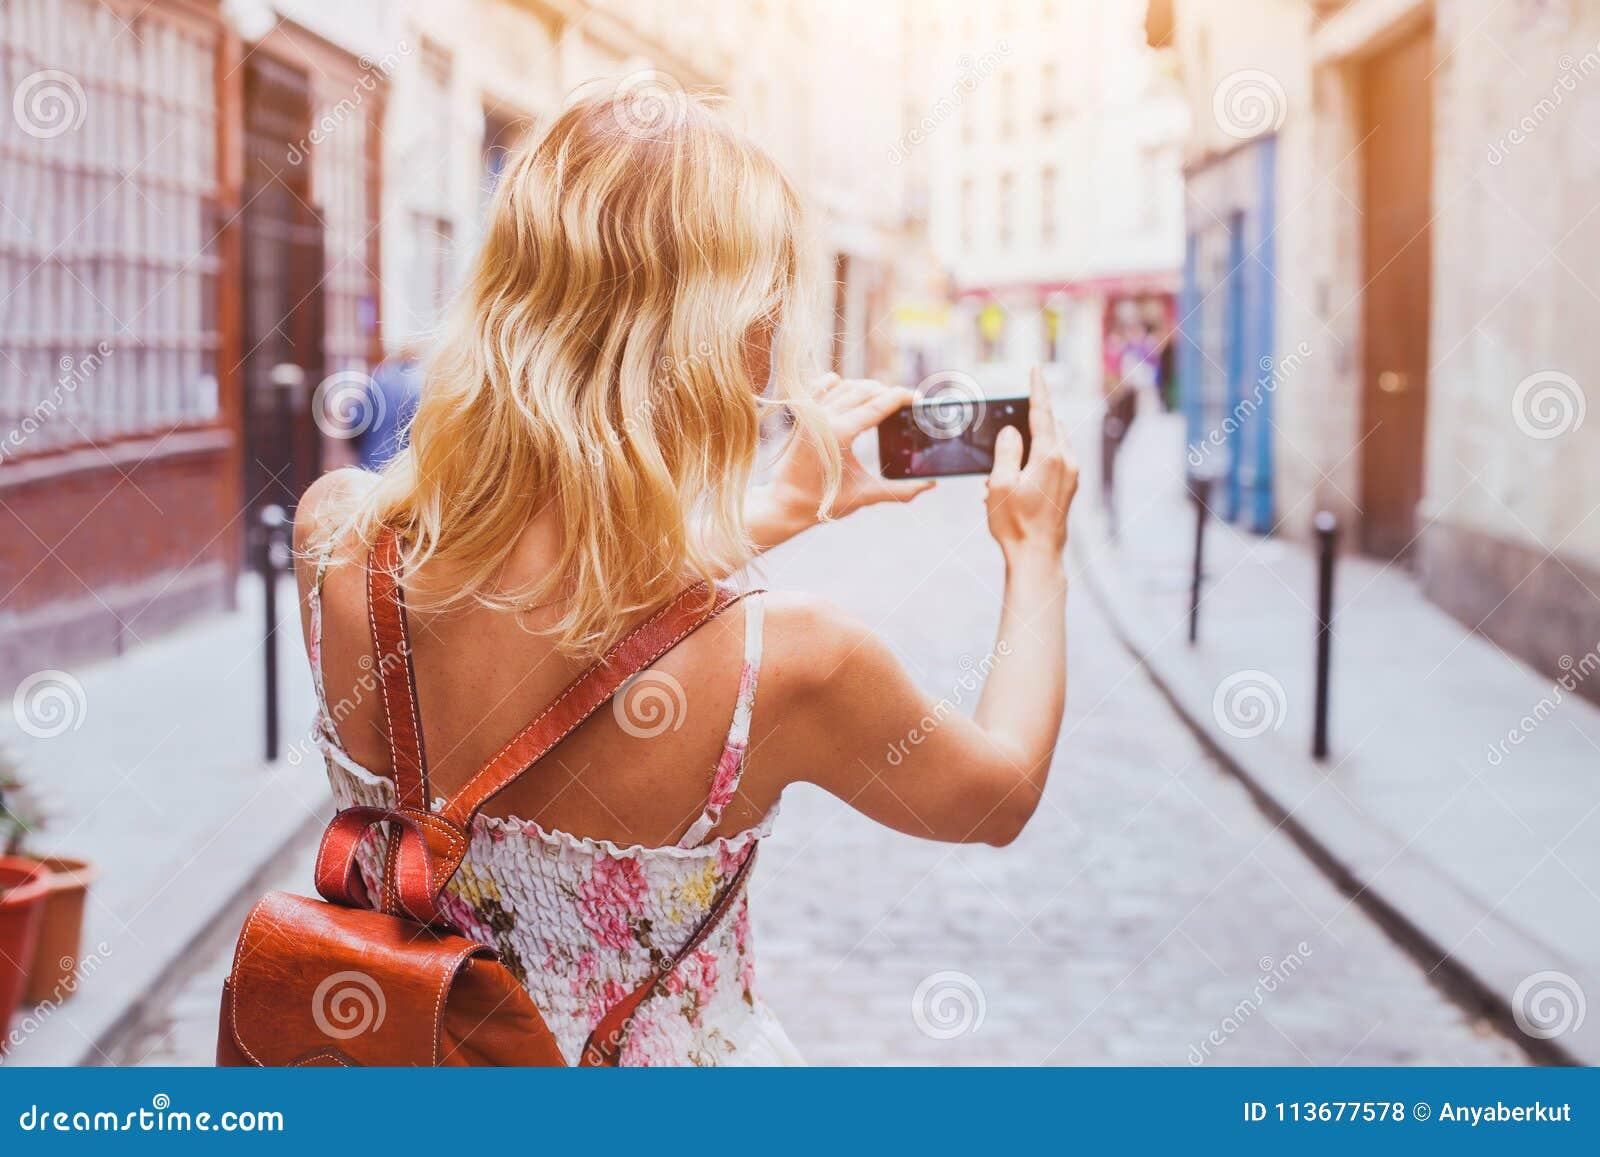 Туристское принимая фото на улице, туризме и перемещении